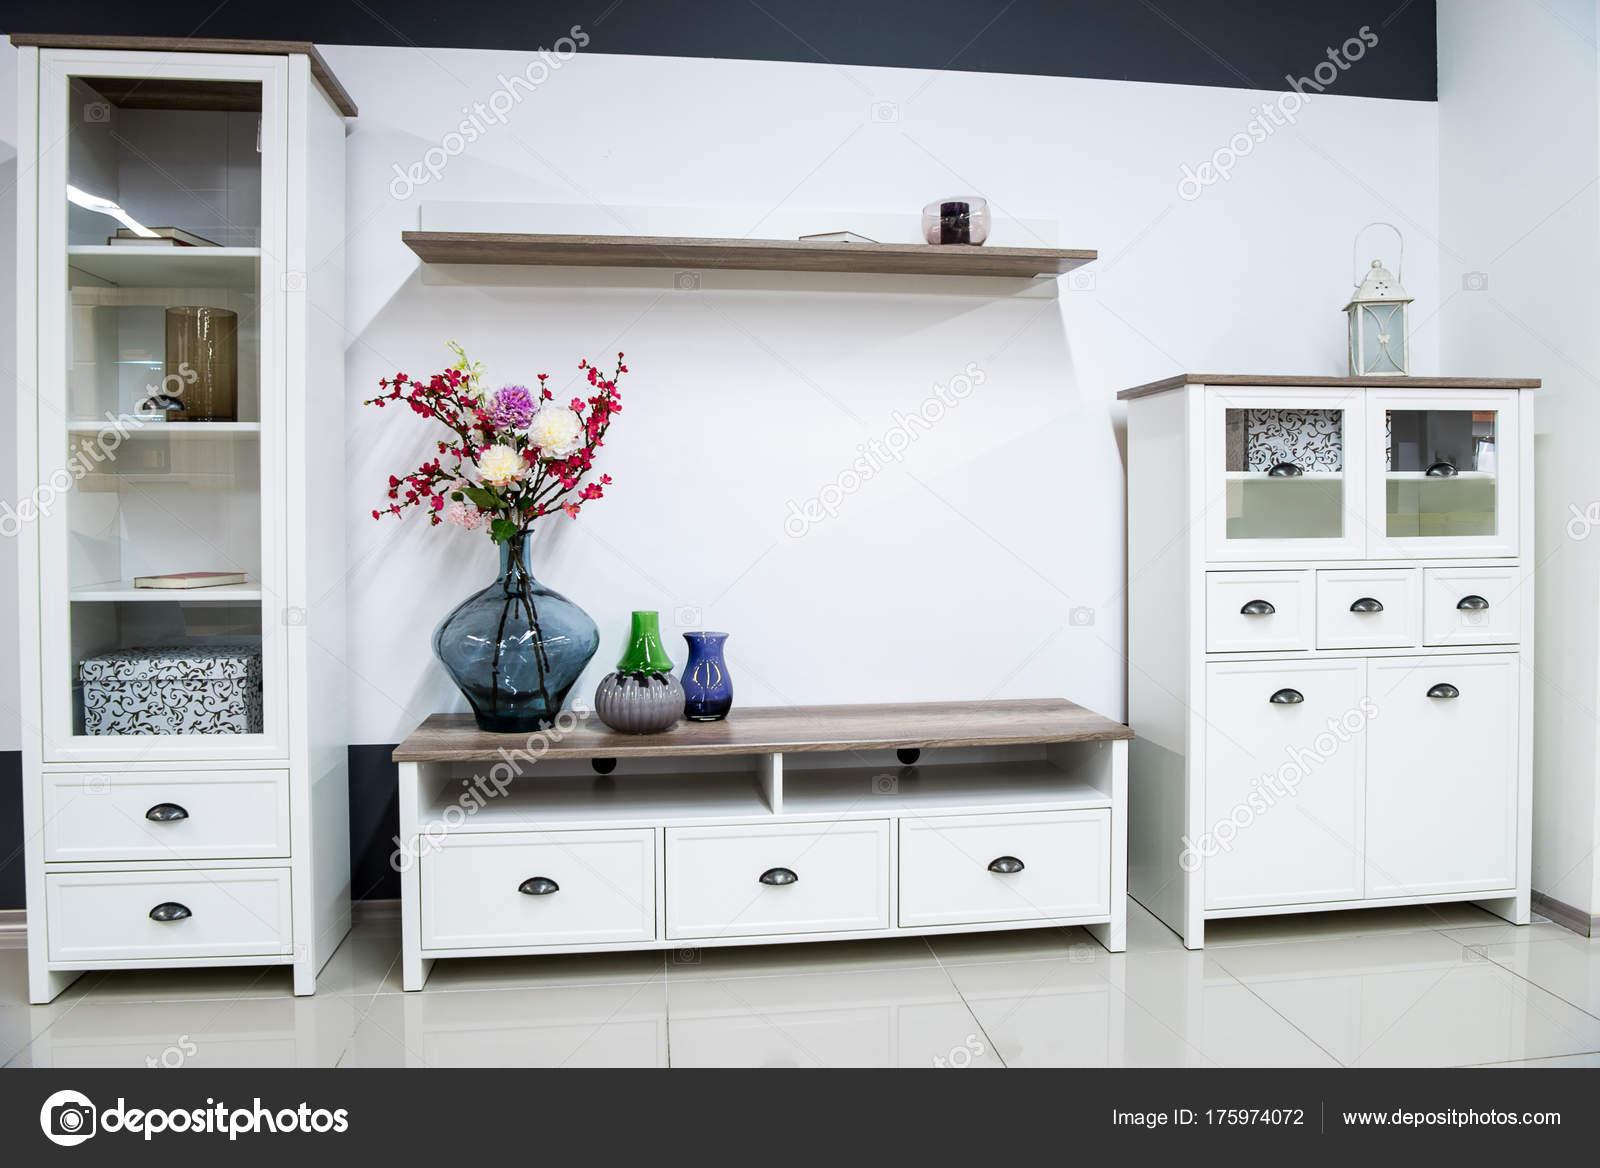 Inbouwkasten slaapkamer landelijke stijl